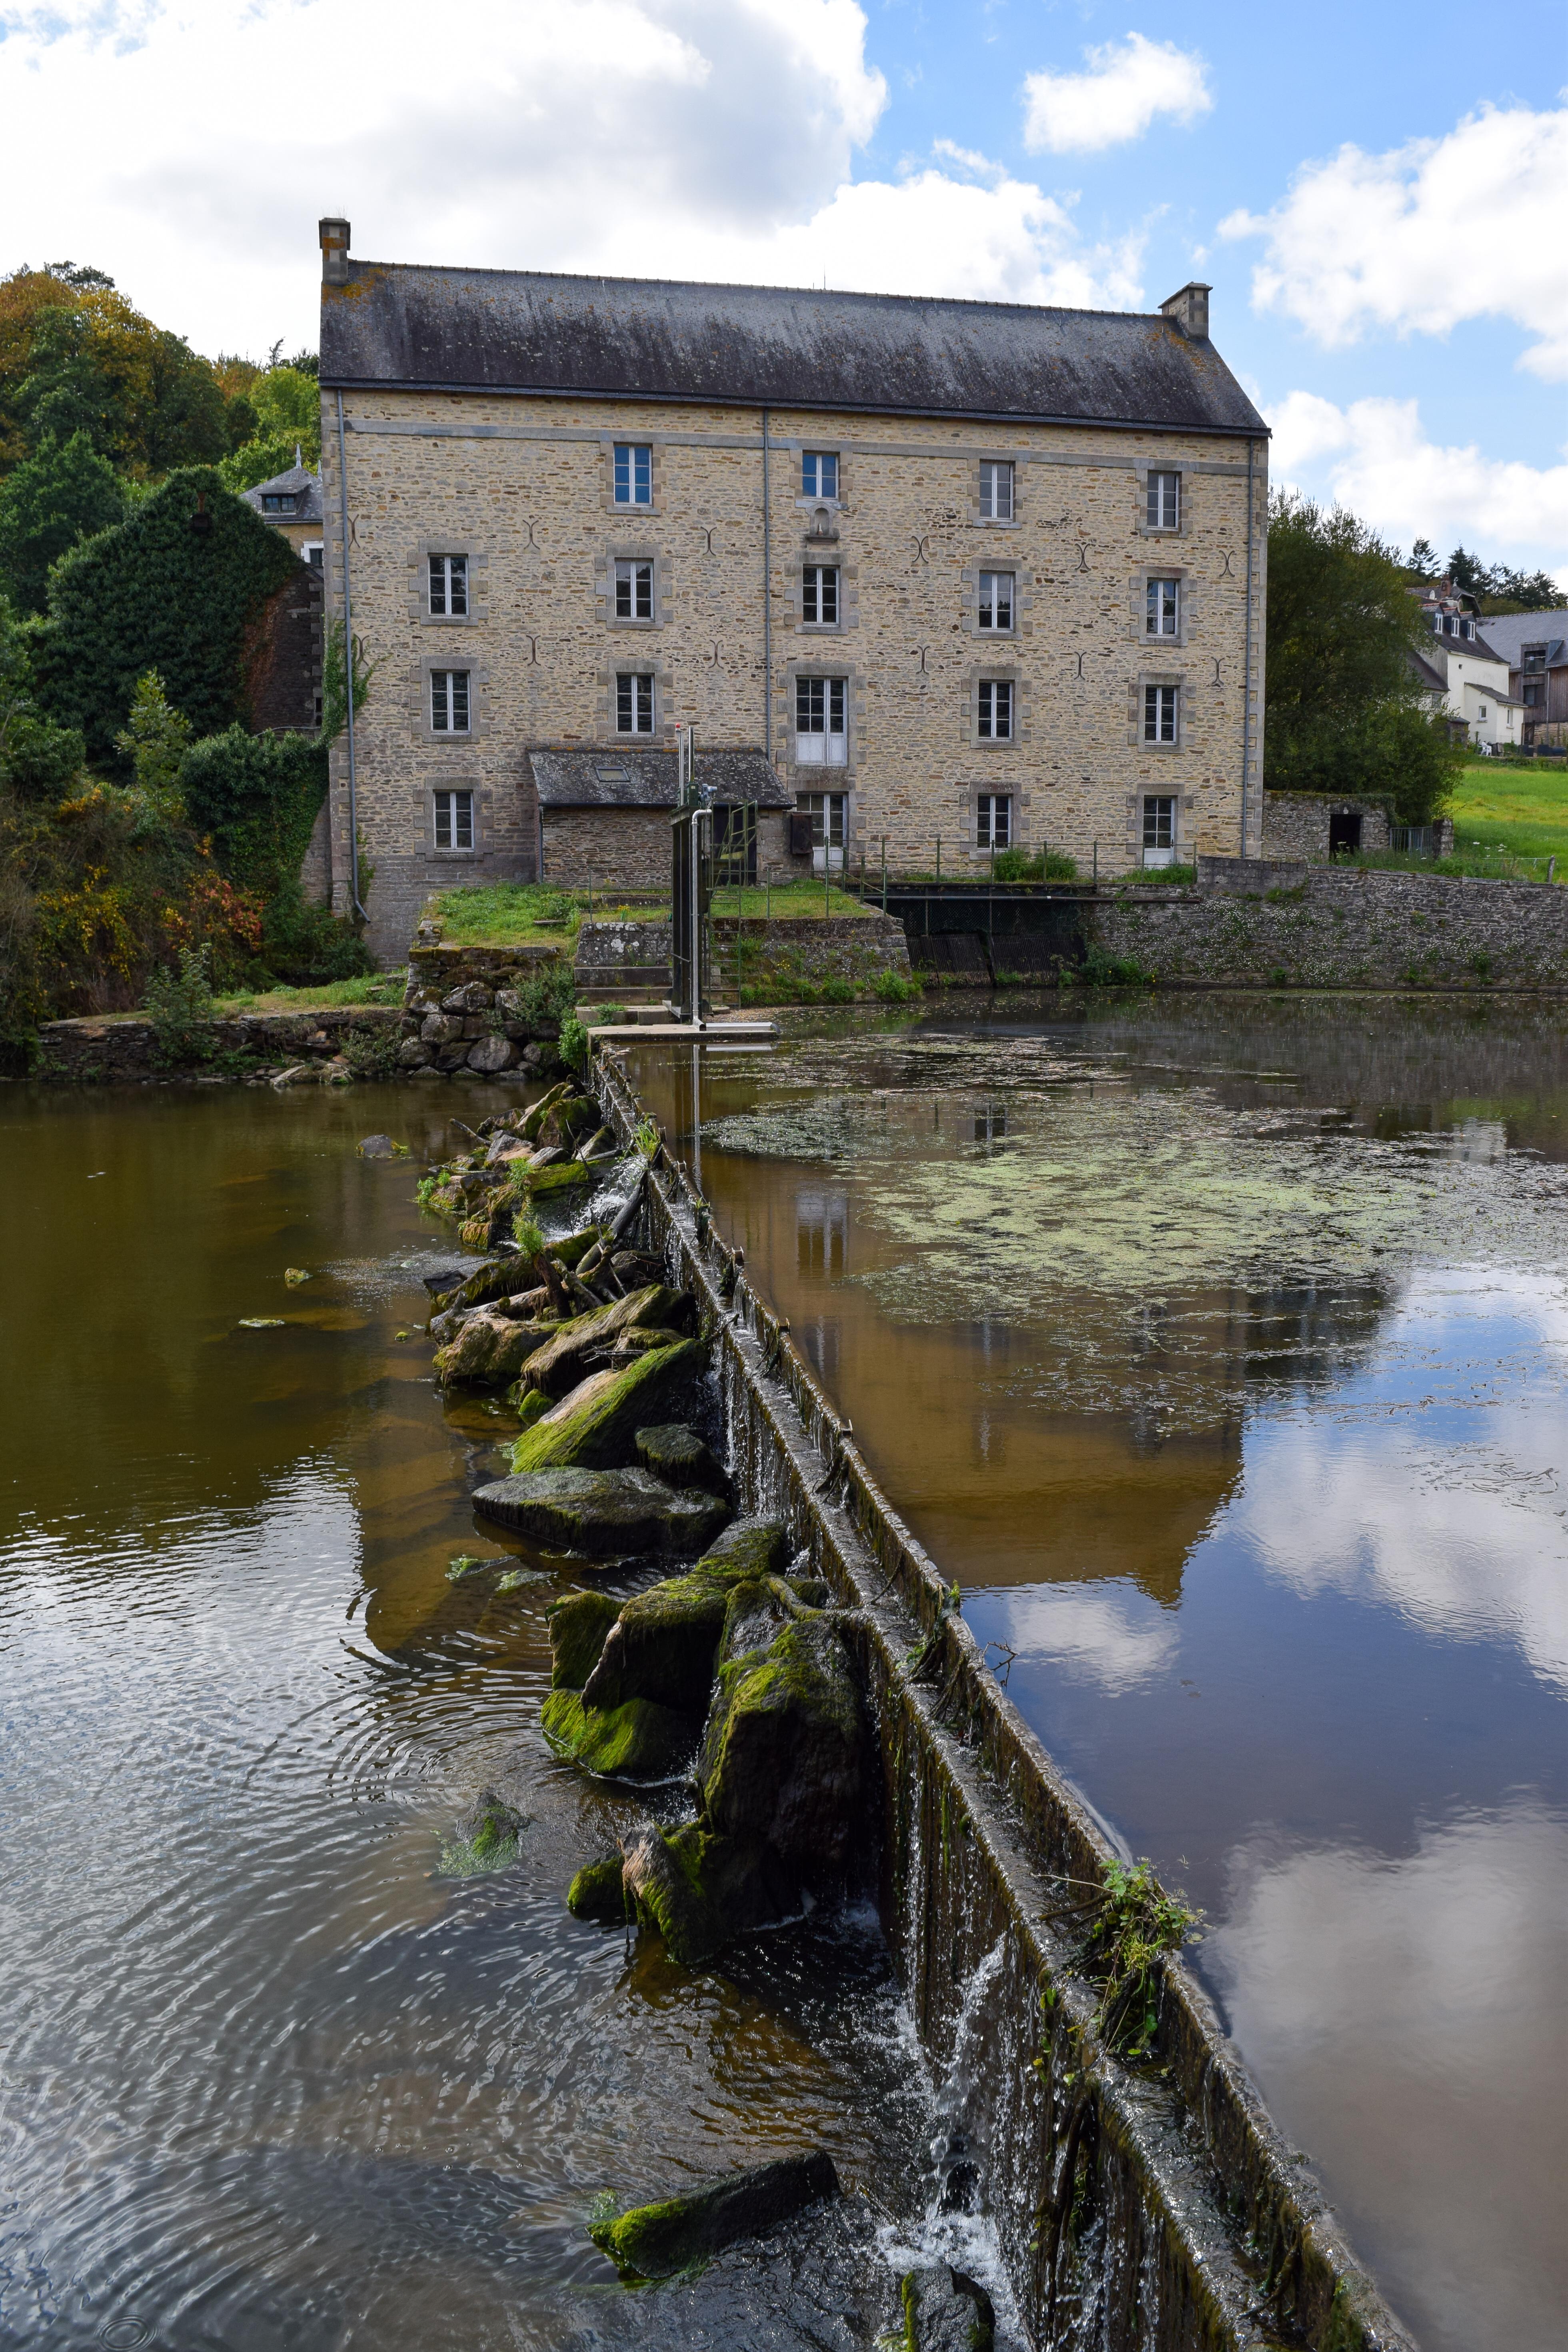 Canal in Josselin, Brittany